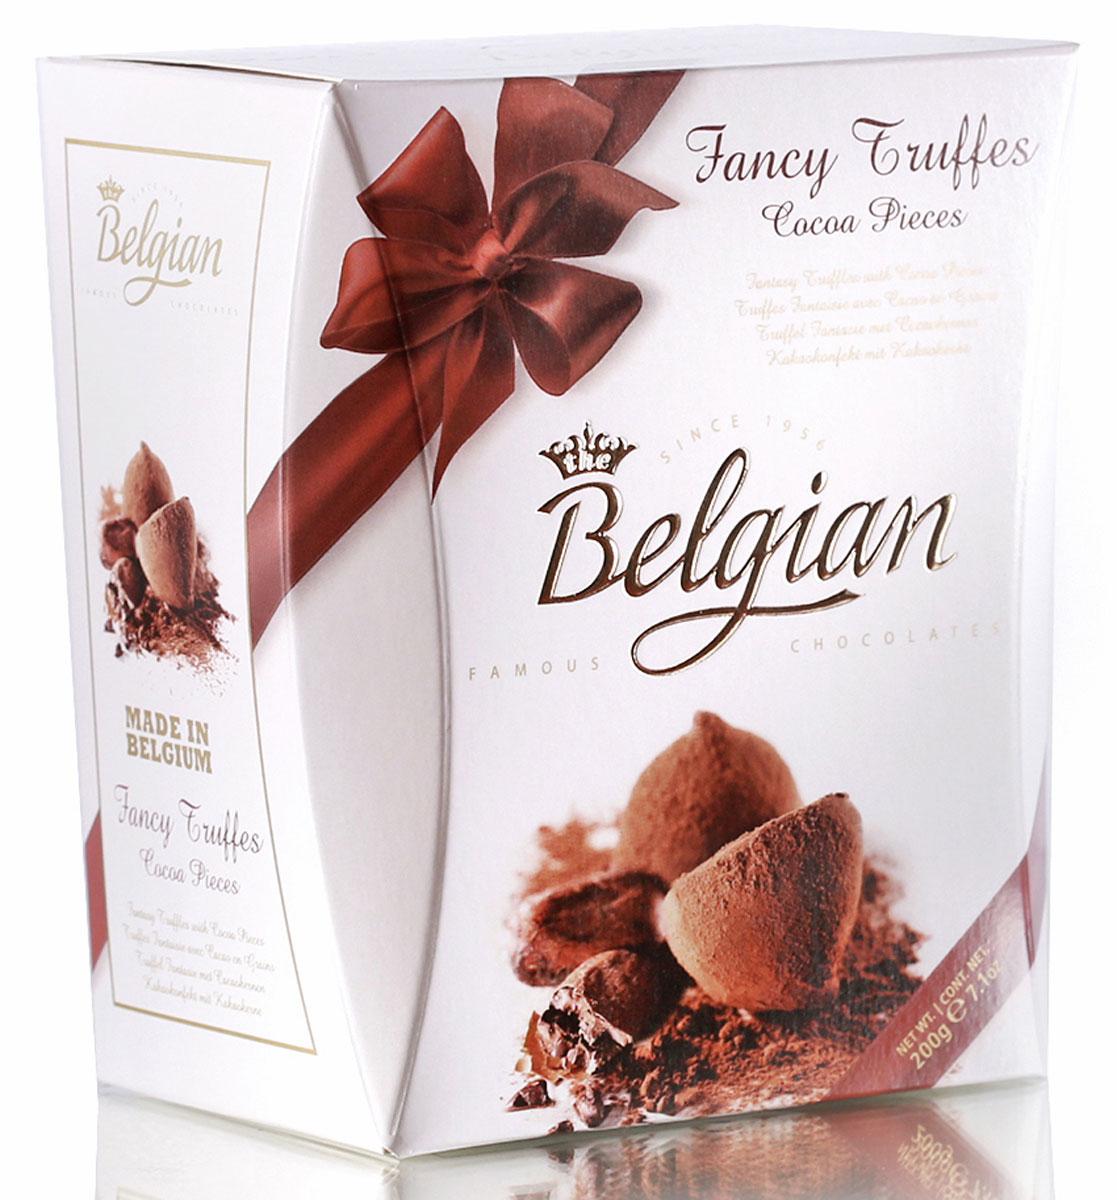 The Belgian Трюфели со вкусом какао, 200 г the belgian трюфели с кусочками апельсинов 200 г